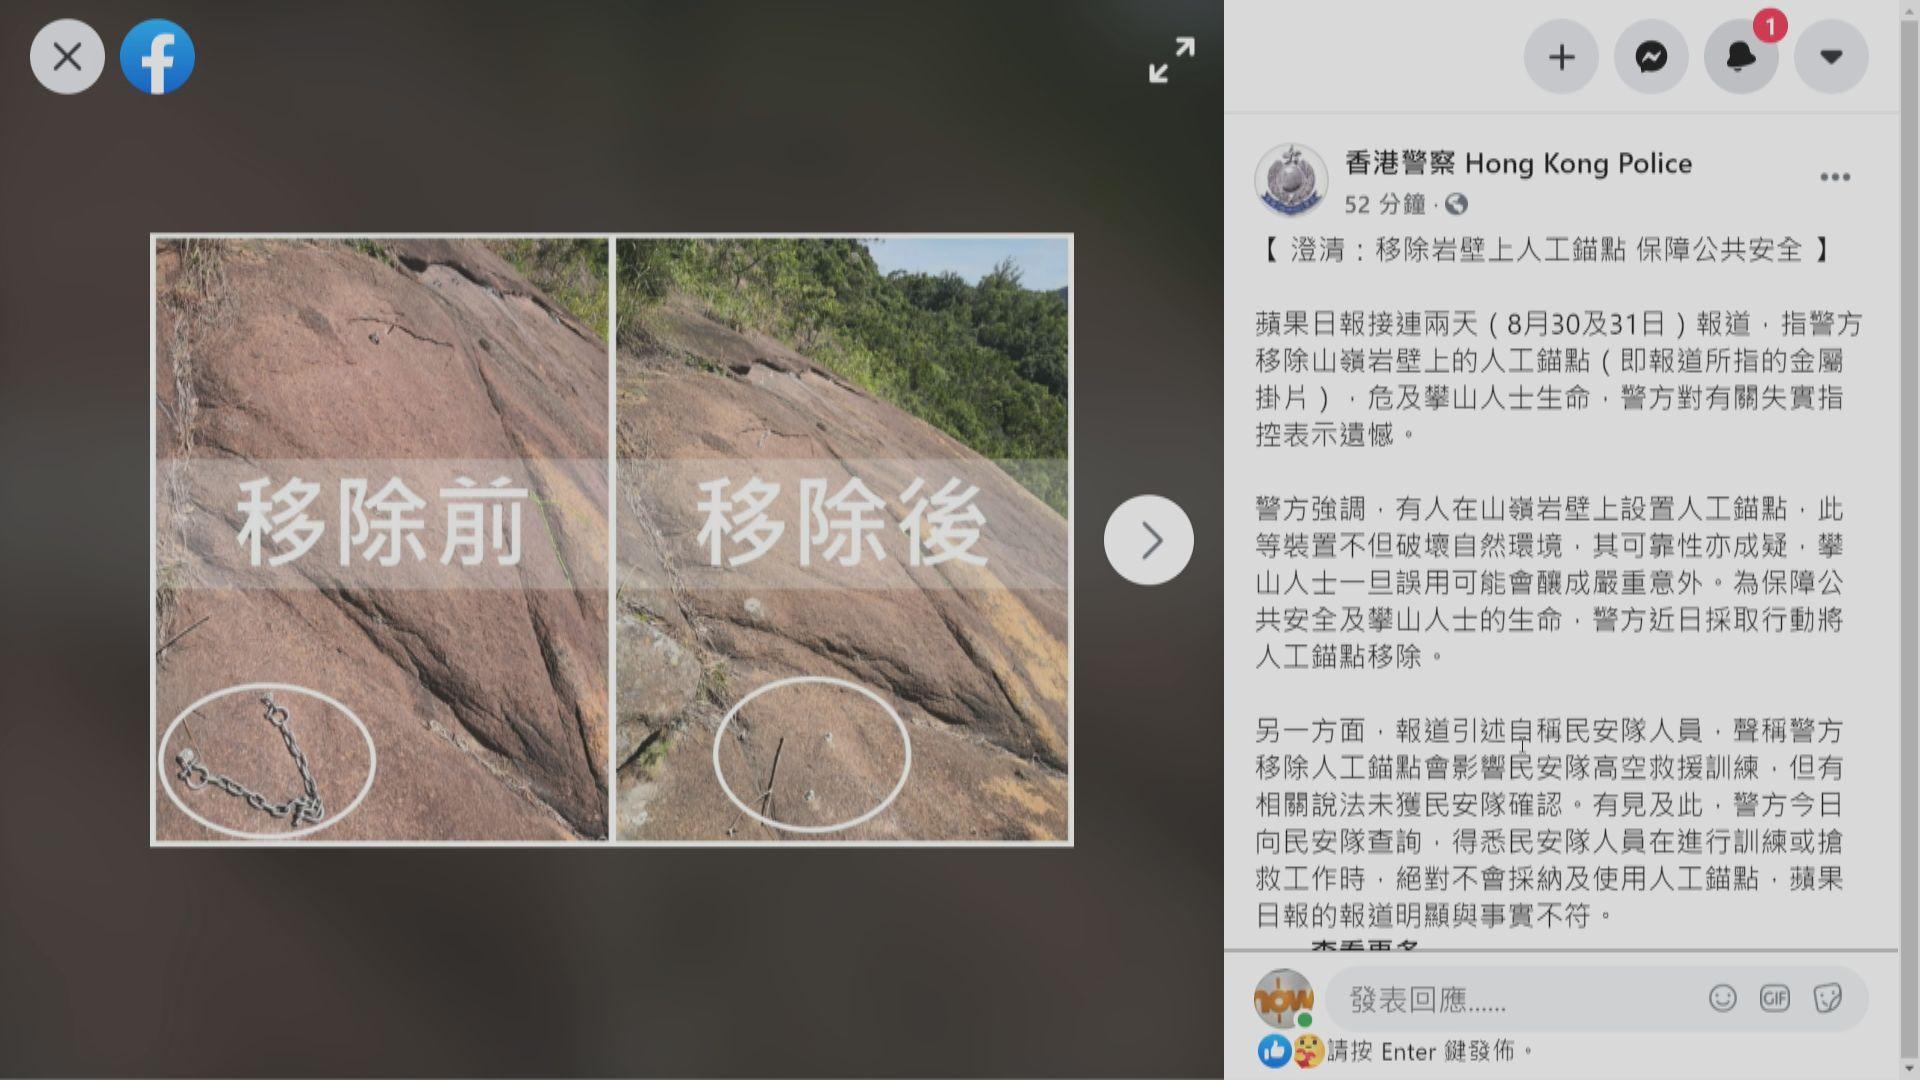 警方澄清移除獅子山等山頭的金屬掛片可保障公共安全